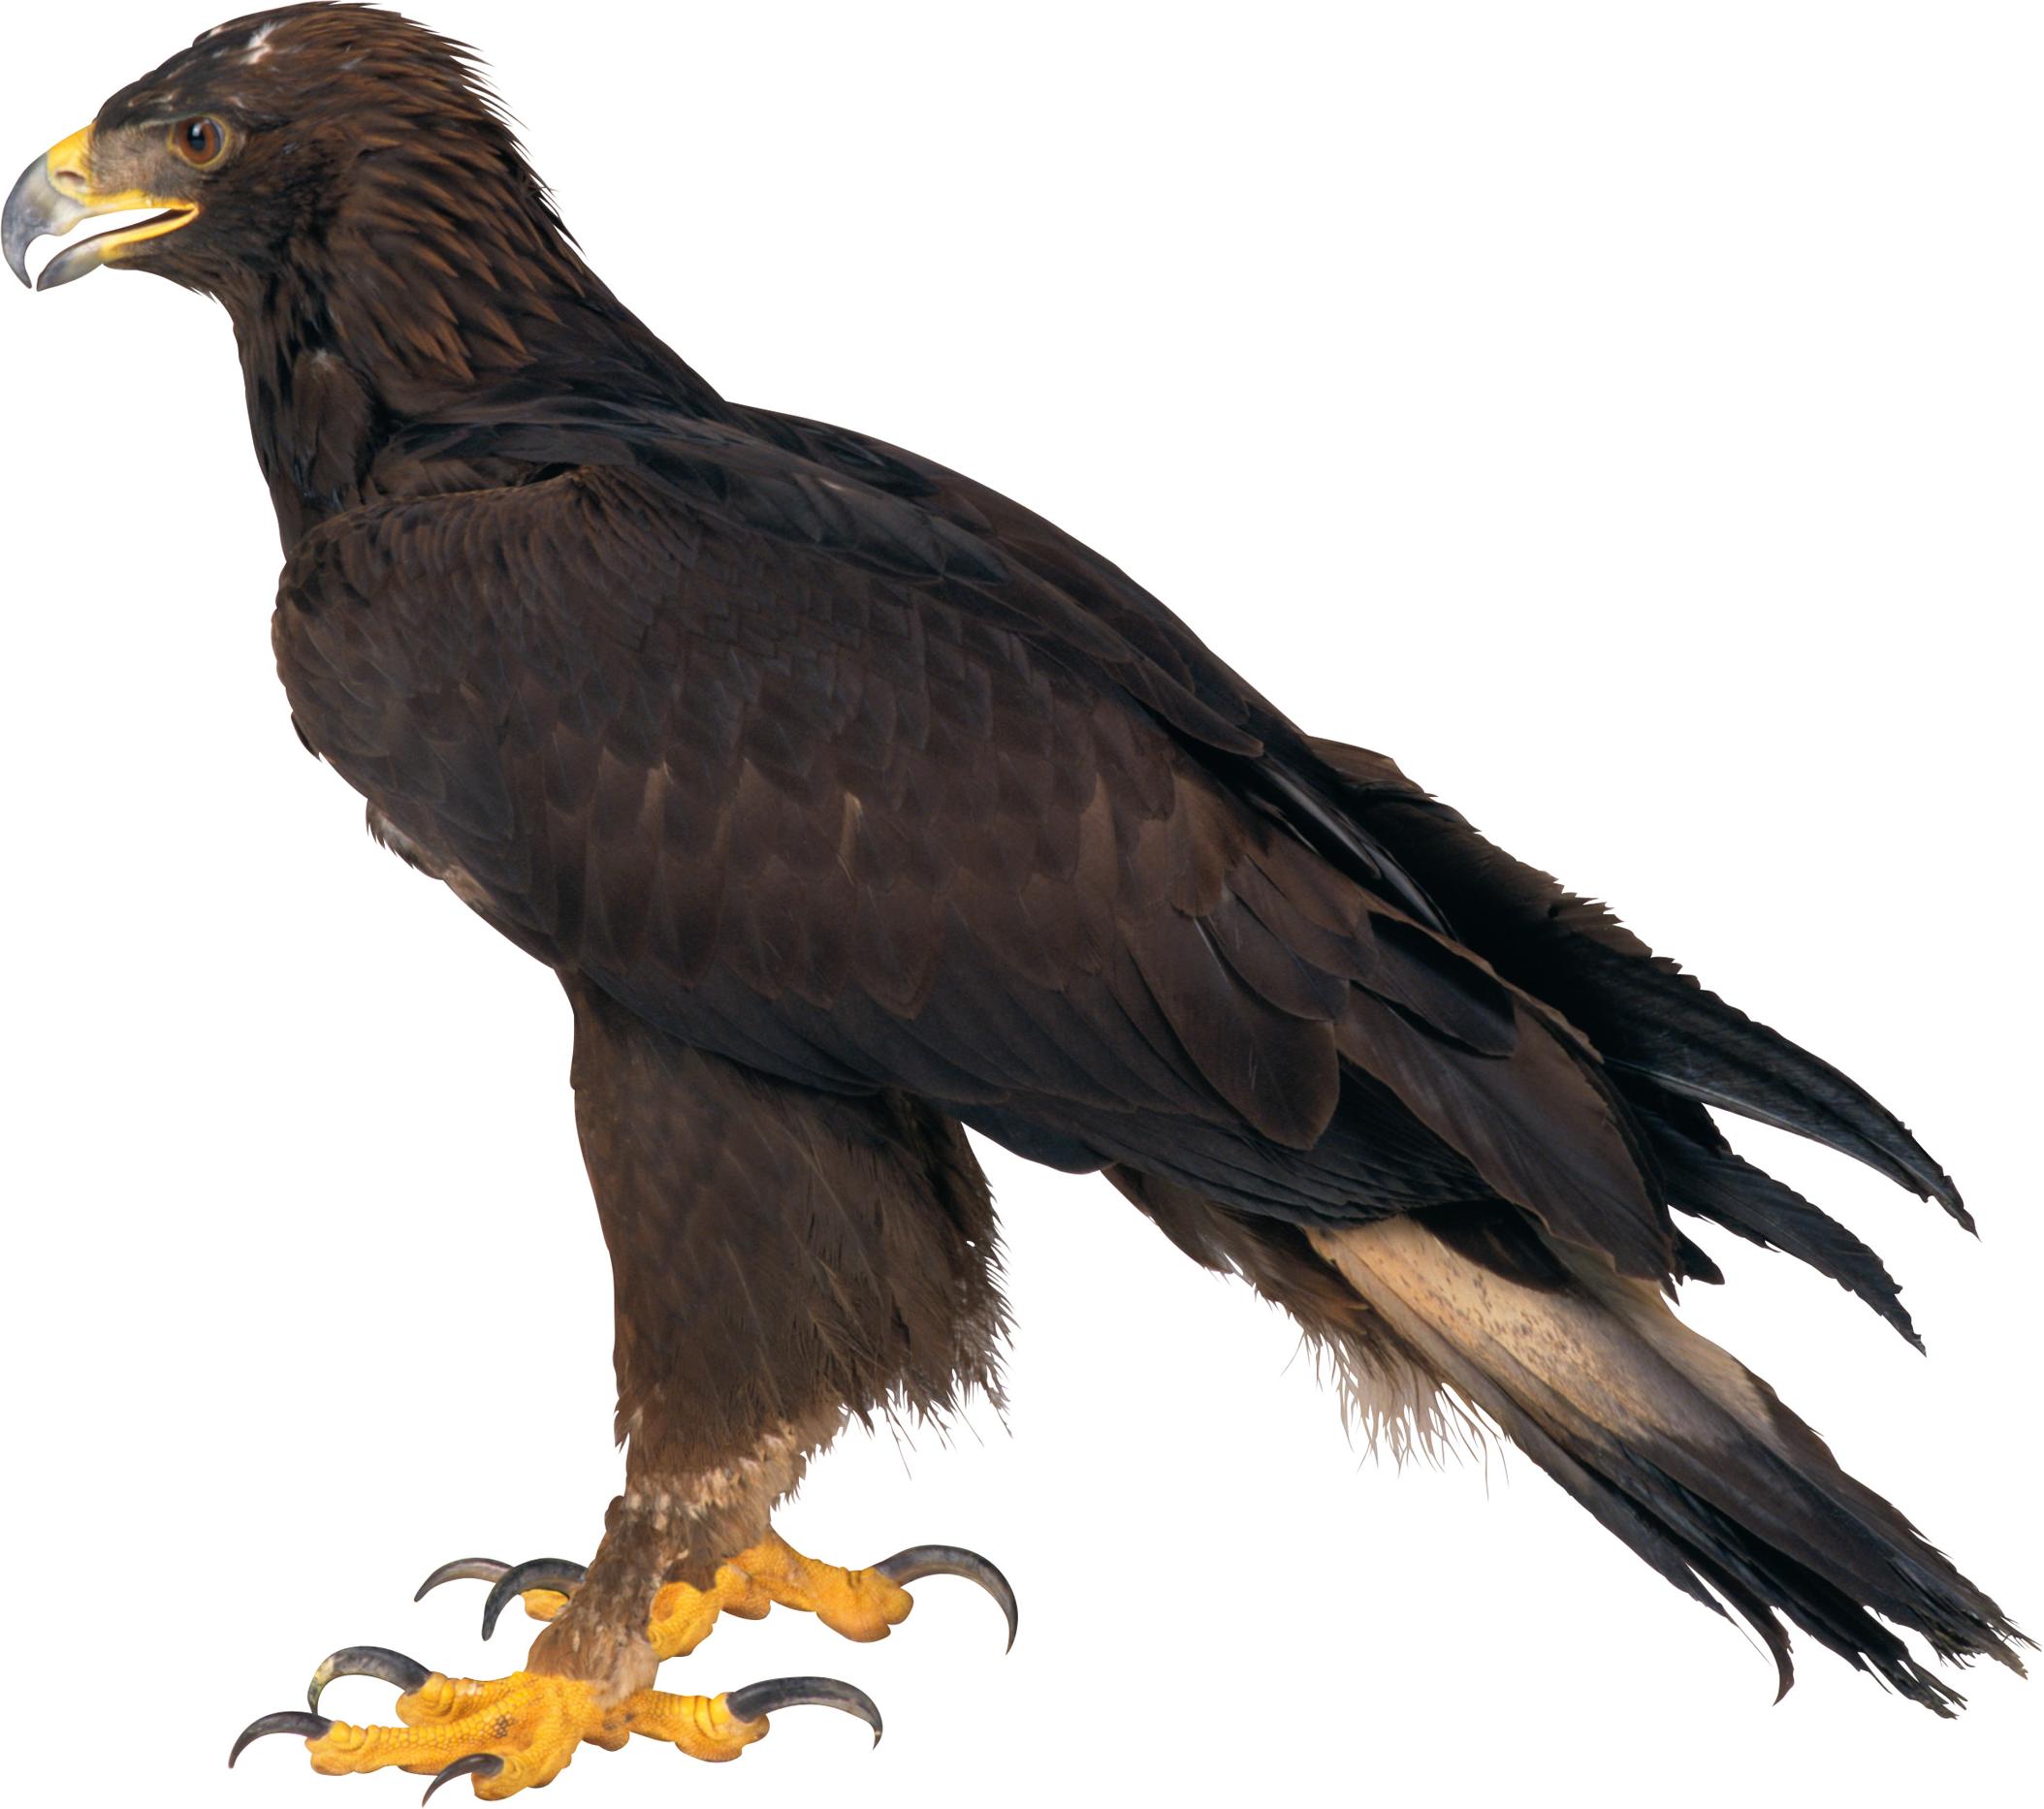 Adler Transparent